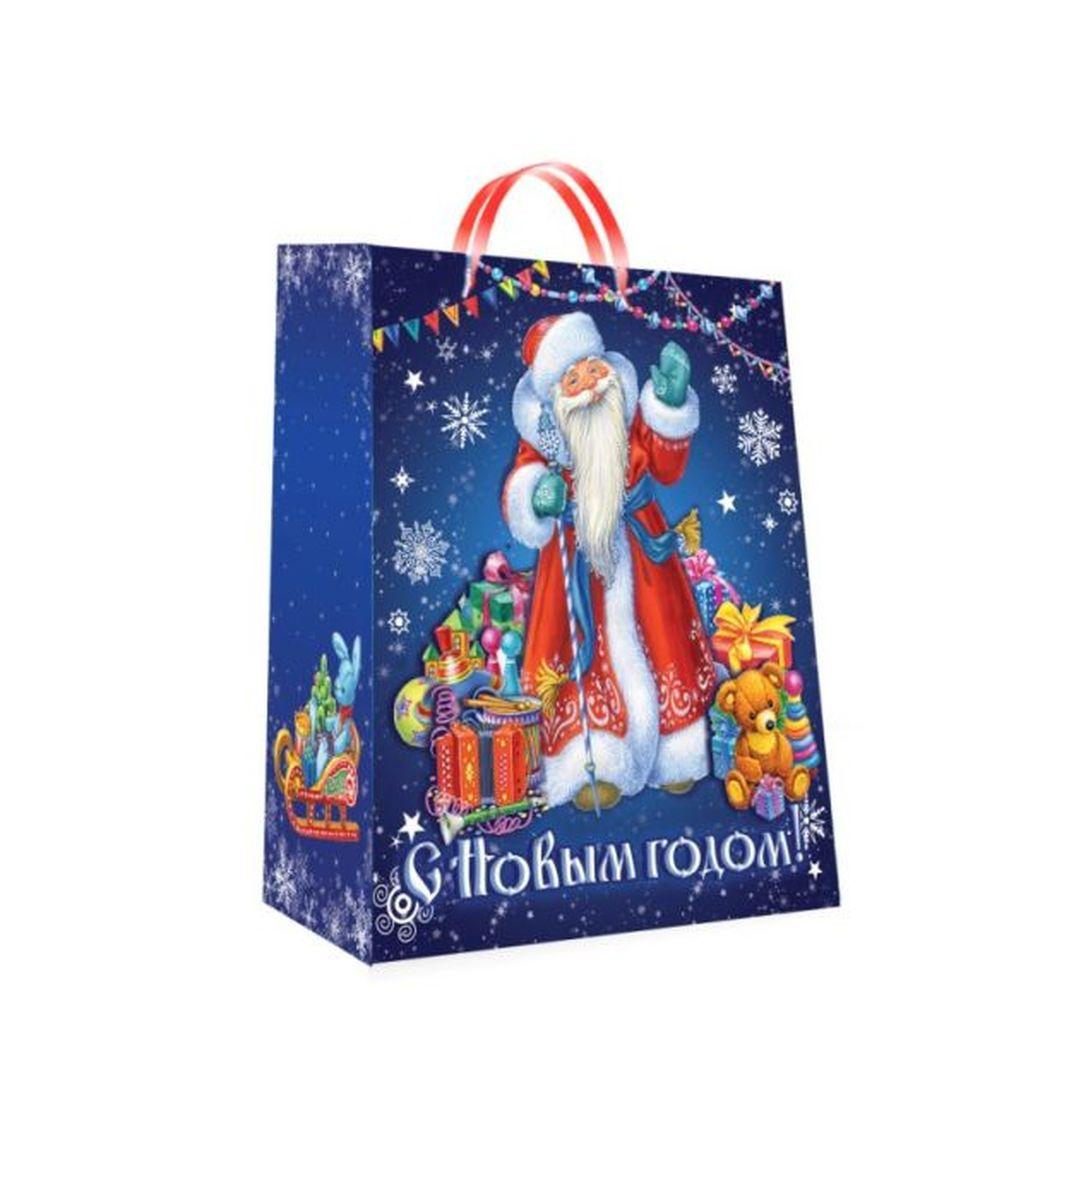 """Подарочный пакет Magic Time """"Дед Мороз"""", изготовленный из плотной бумаги, станет  незаменимым дополнением к выбранному подарку. Пакет выполнен с глянцевой  ламинацией, что придает ему прочность, а  изображению - яркость и насыщенность цветов.  Подарок, преподнесенный в оригинальной упаковке, всегда будет самым  эффектным и запоминающимся. Окружите близких людей вниманием и заботой,  вручив презент в нарядном, праздничном оформлении. Плотность бумаги: 140 г/м2."""